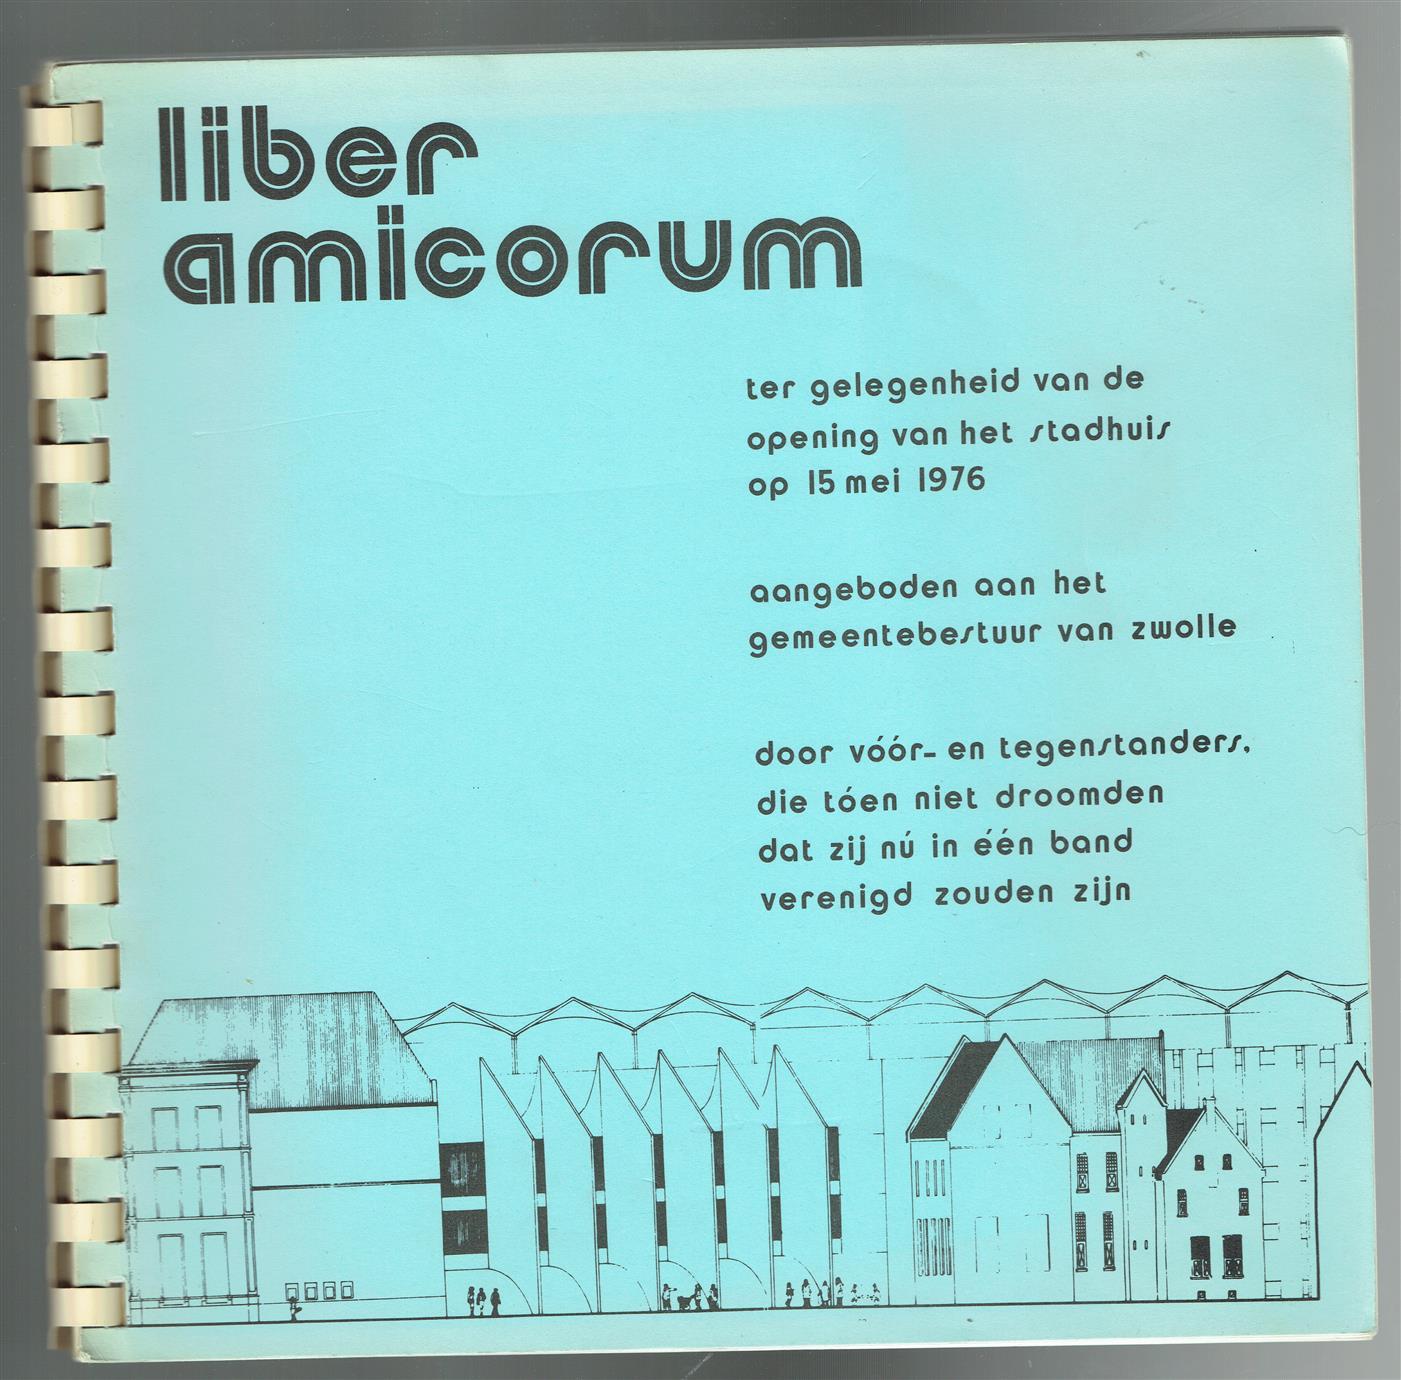 Liber amicorum : ter gelegenheid van de opening van het stadhuis op 15 mei 1976 : aangeboden aan het gemeentebestuur van Zwolle